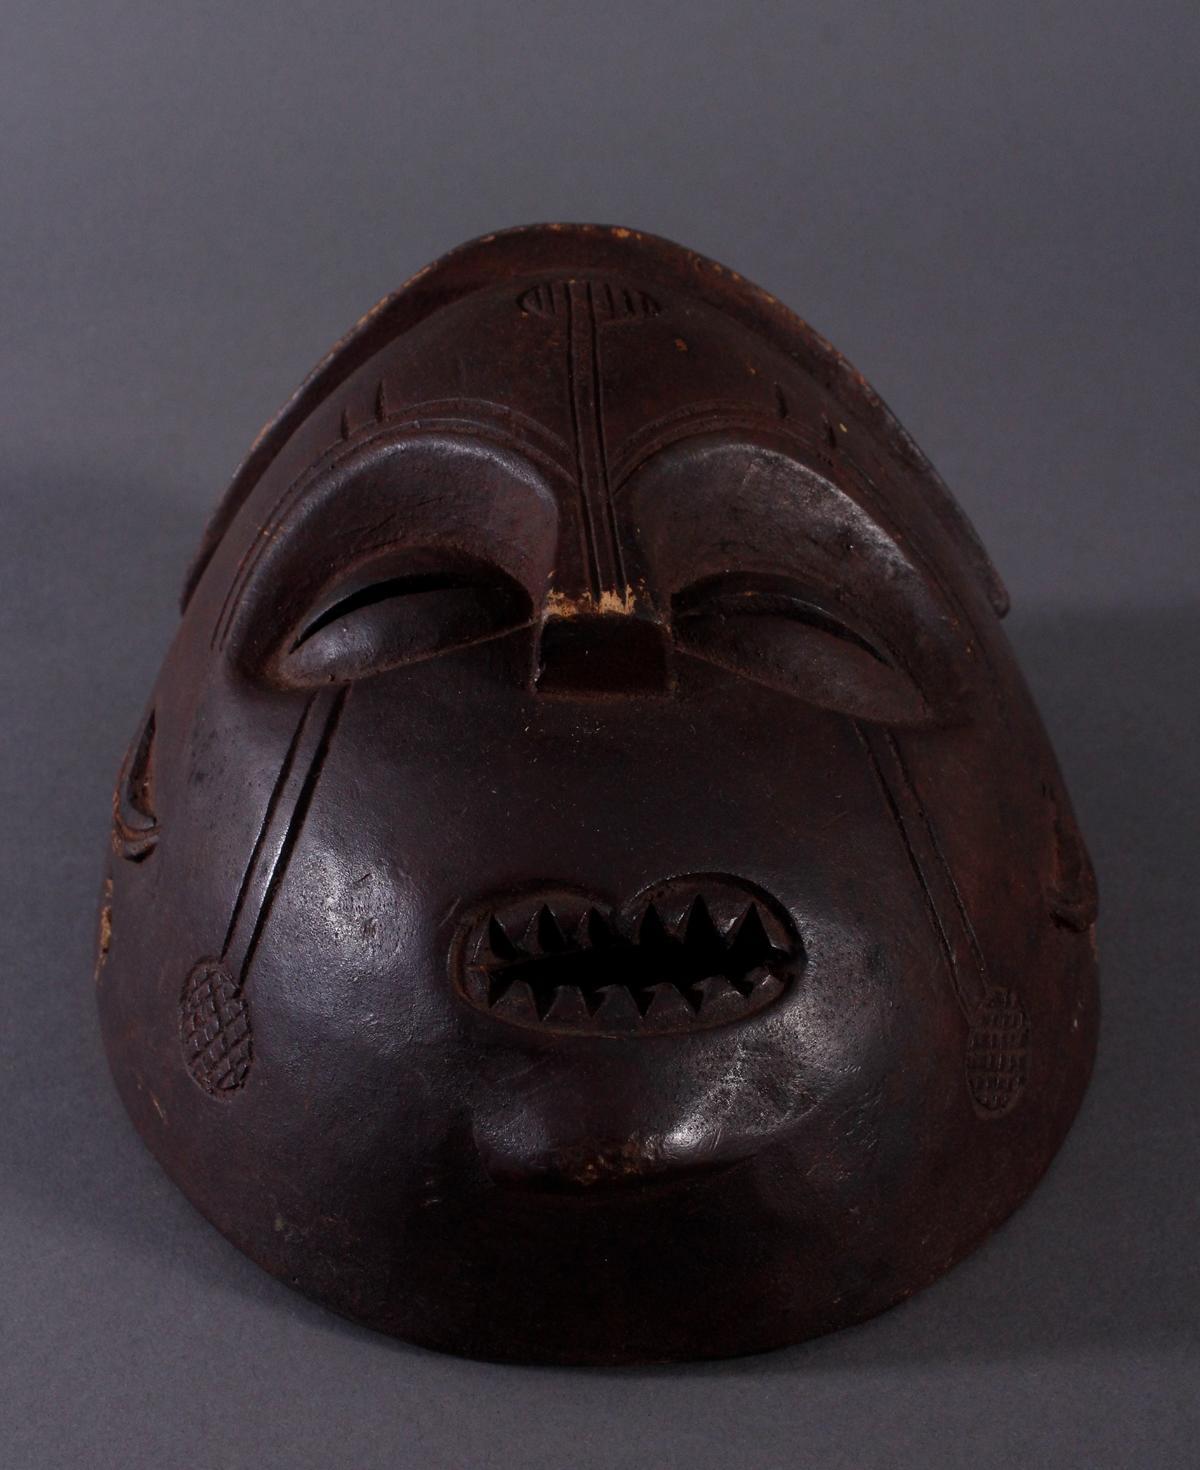 Antike Maske, Mbunda, Sambia 1. Hälfte 20. Jh.Holz geschnitzt, braune Patina, ovale Form, - Bild 4 aus 6